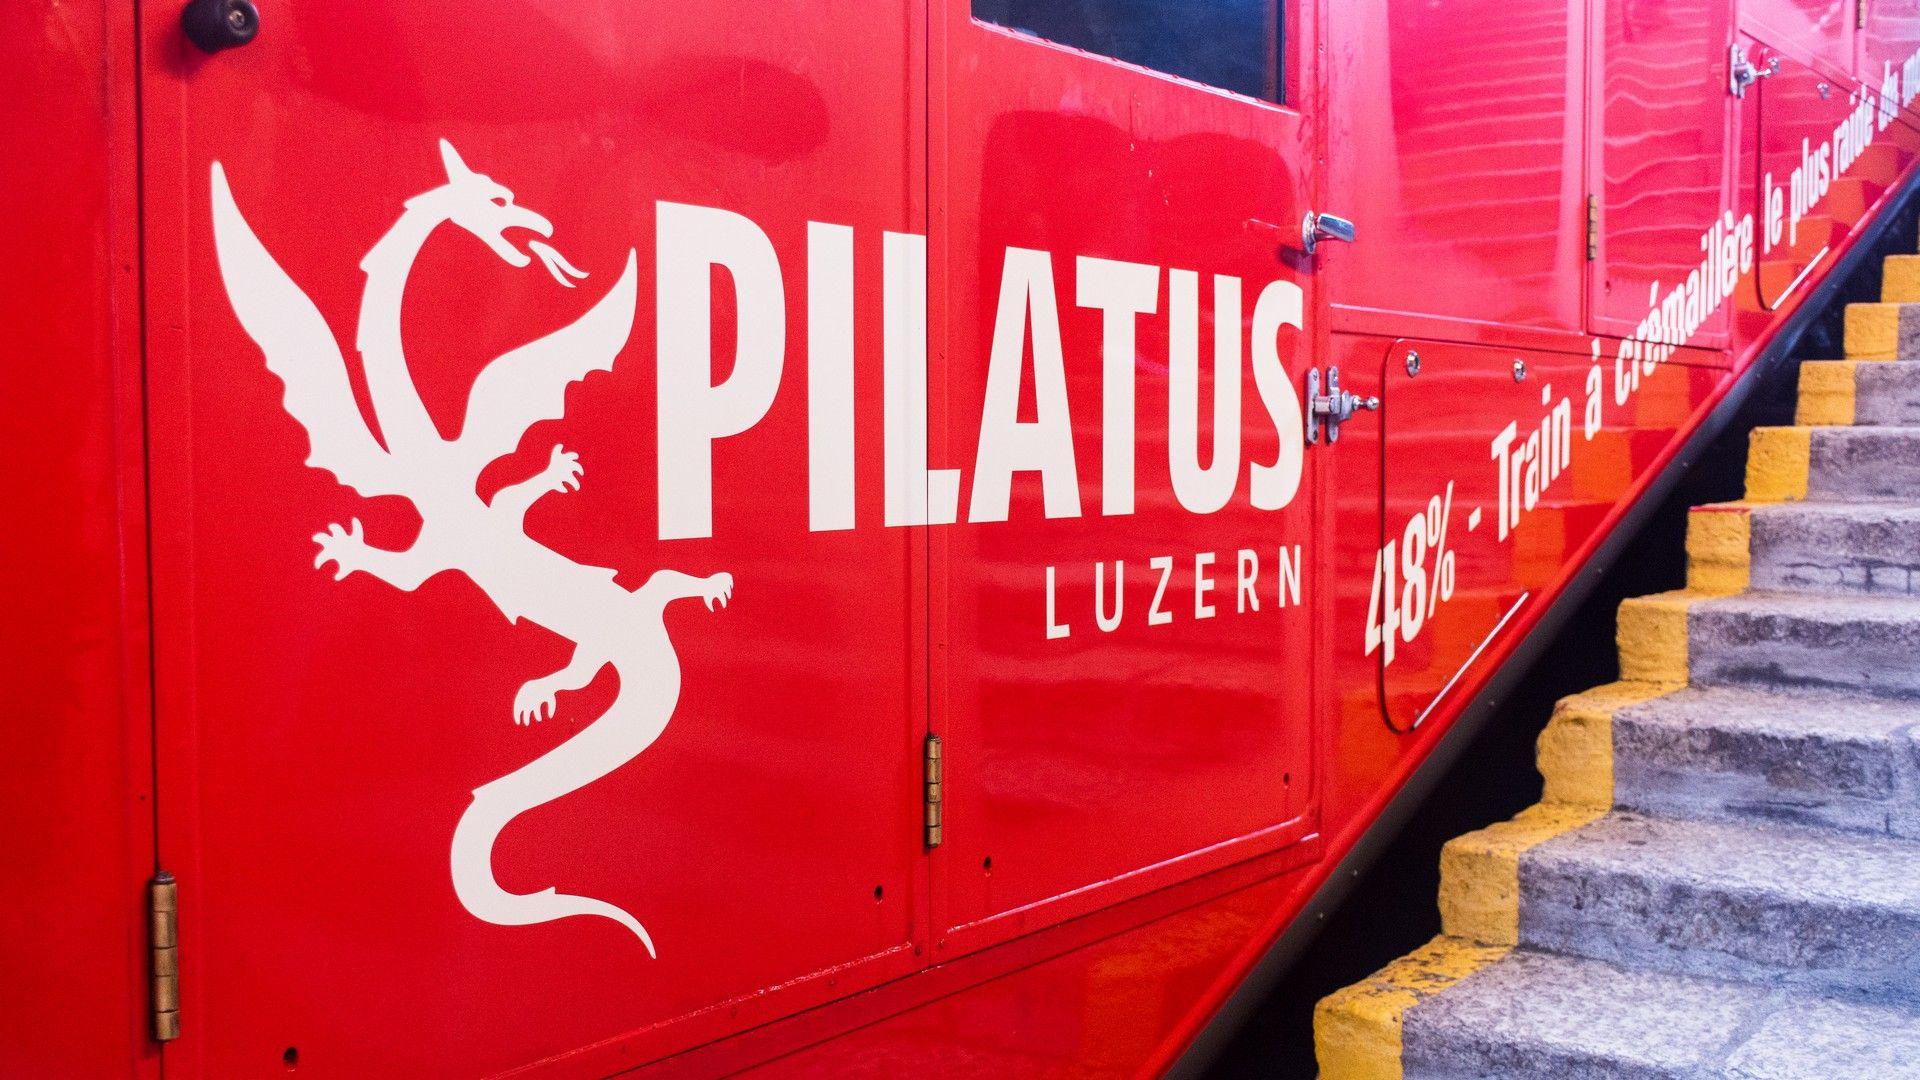 Švýcarsko Pilatus Xmountain